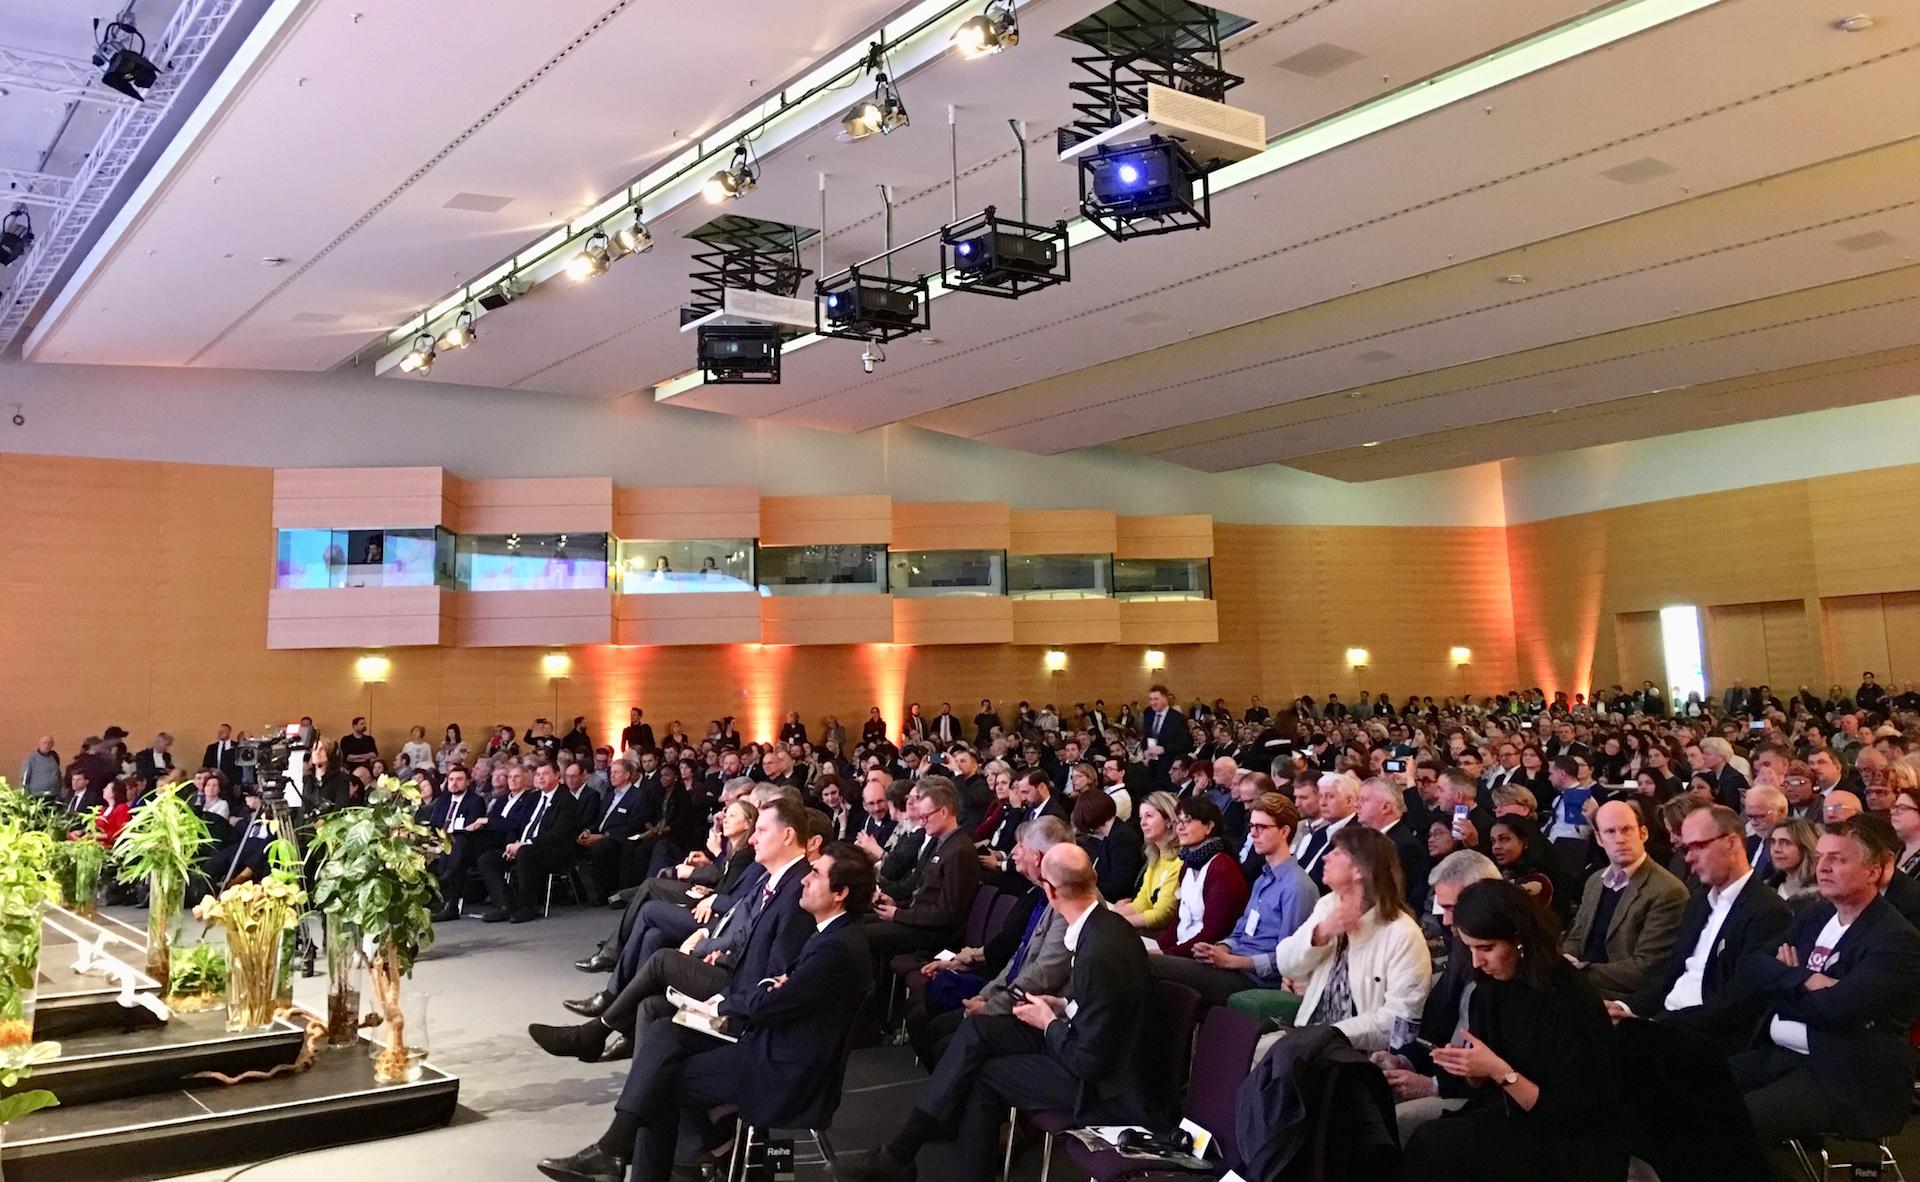 fot-zaneta-geltz-Nurnberg-messe-biofach-vivaness-happy-evolution-2020-audience